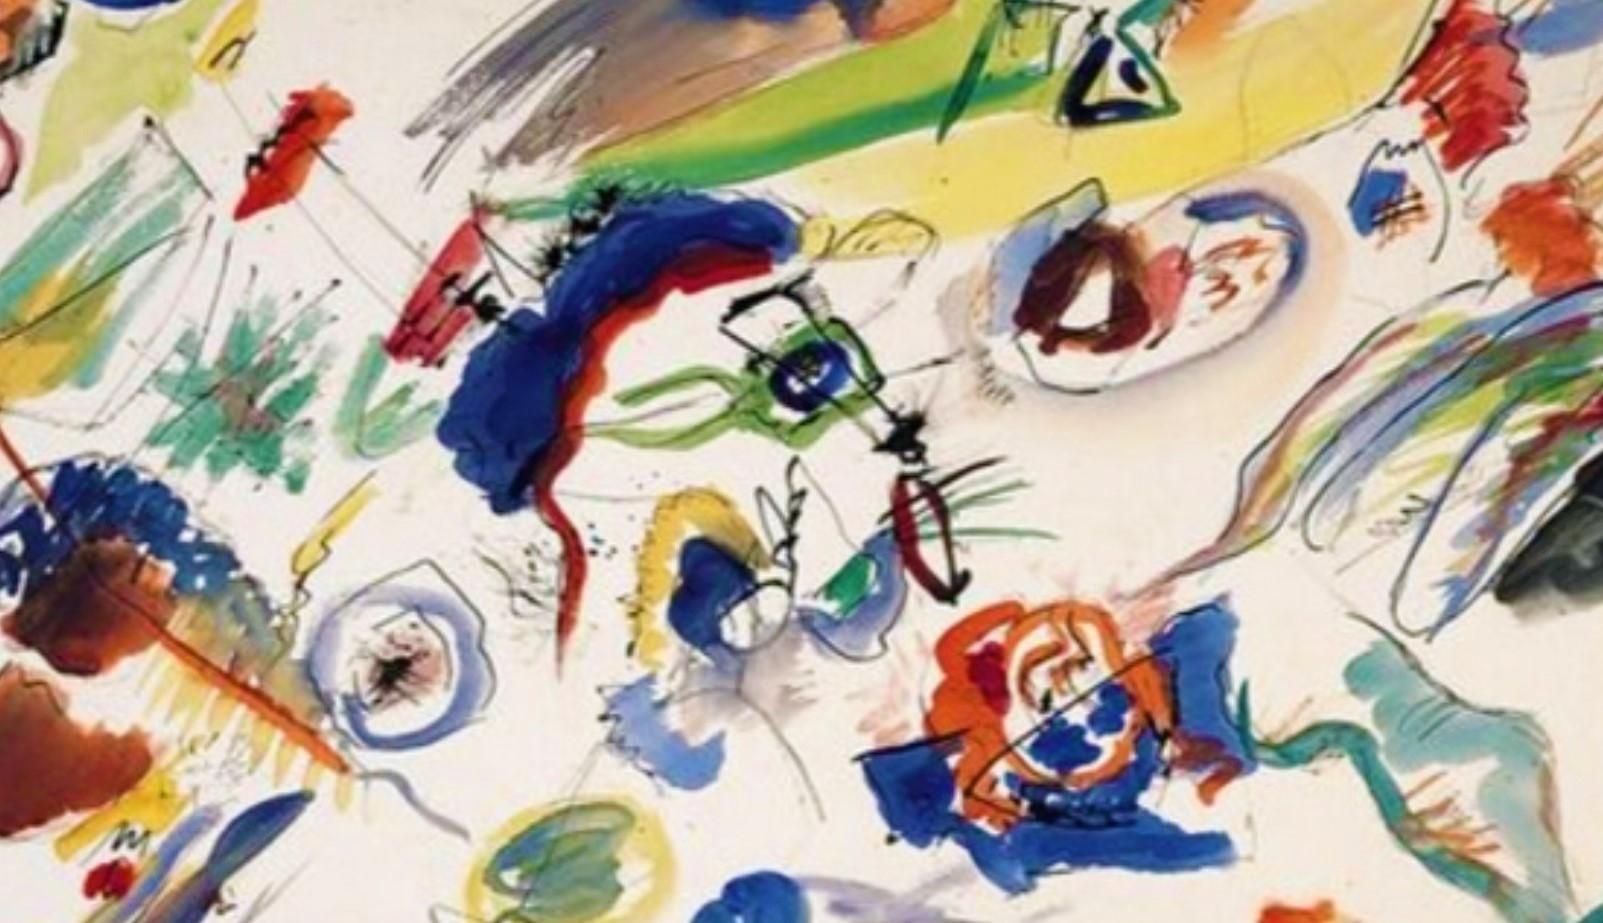 Kandinskij In Pochi Minuti Sai Da Dove Partì Il Suo Sogno